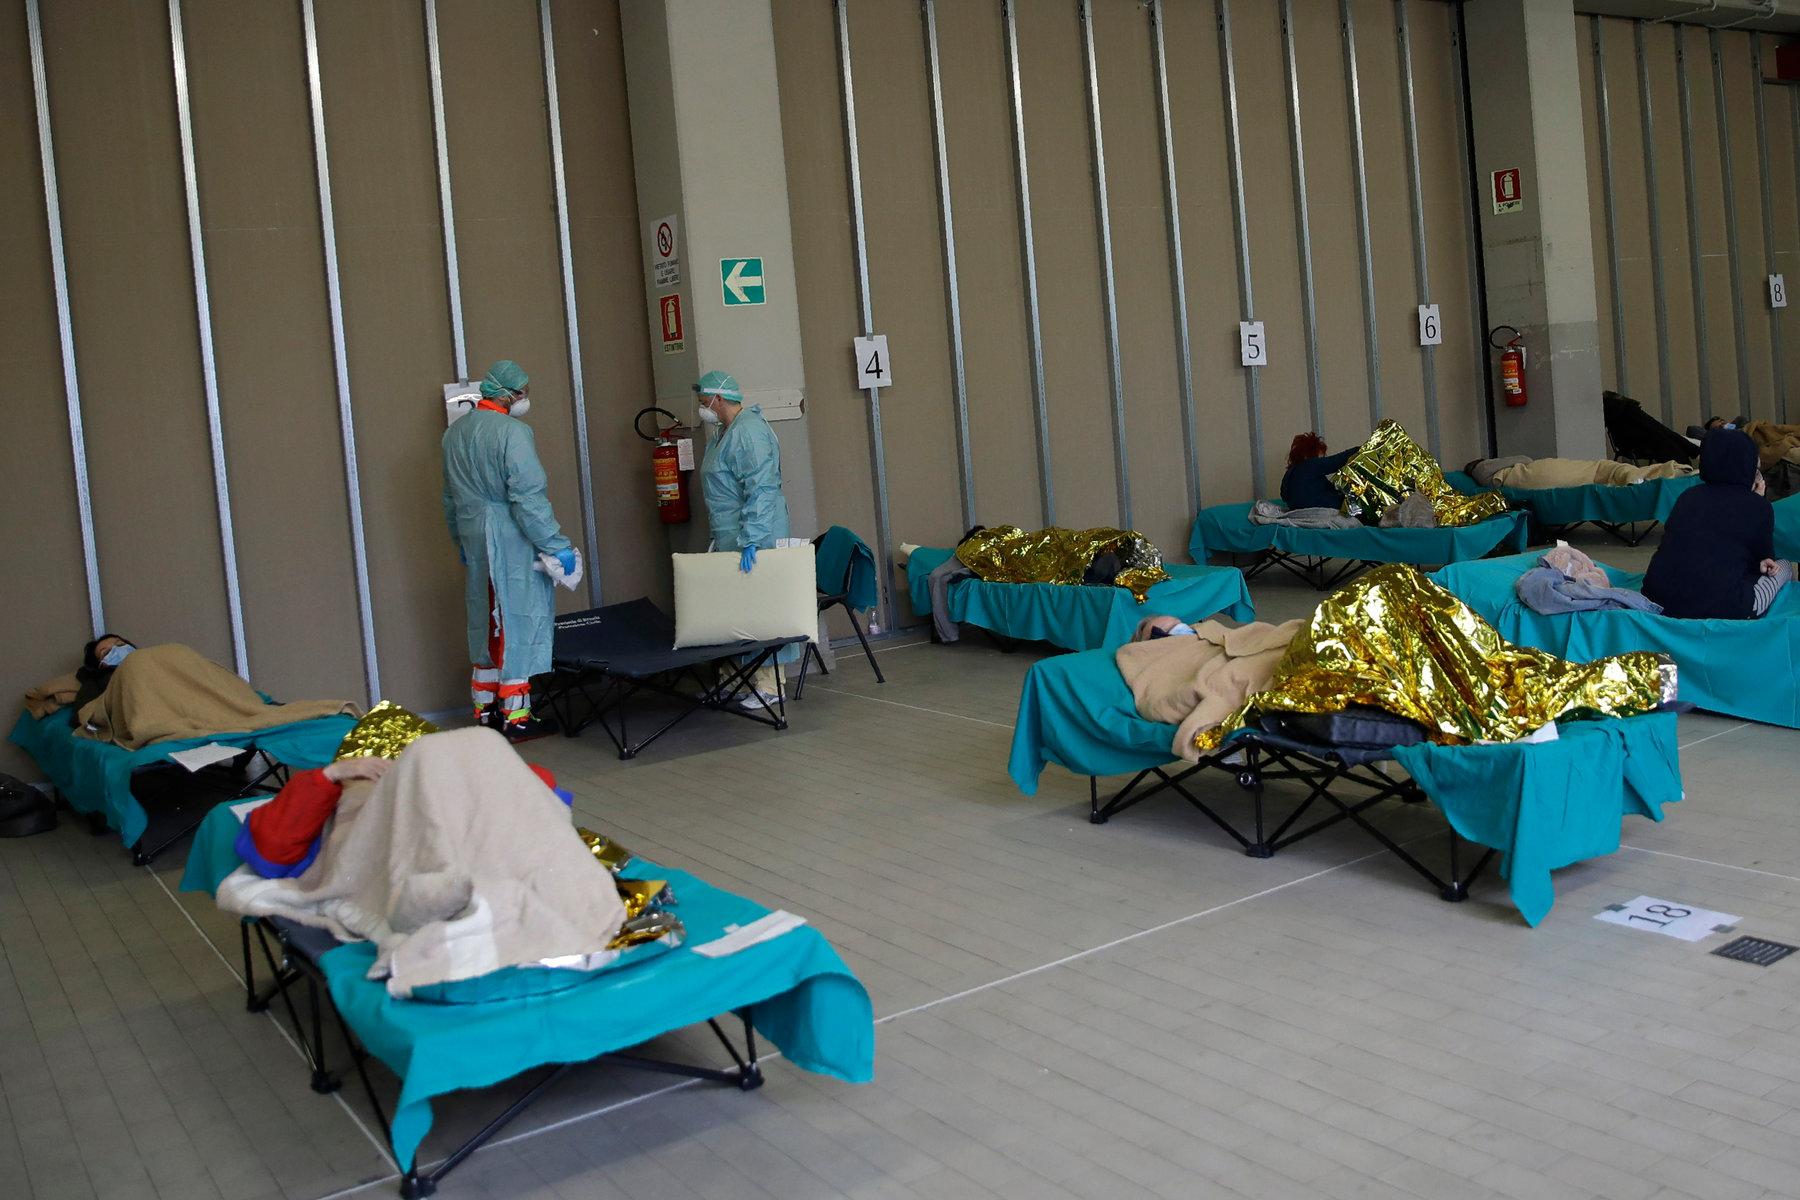 Italia vijon betejën me koronavirusin, shënon 683 viktima në 24 orë